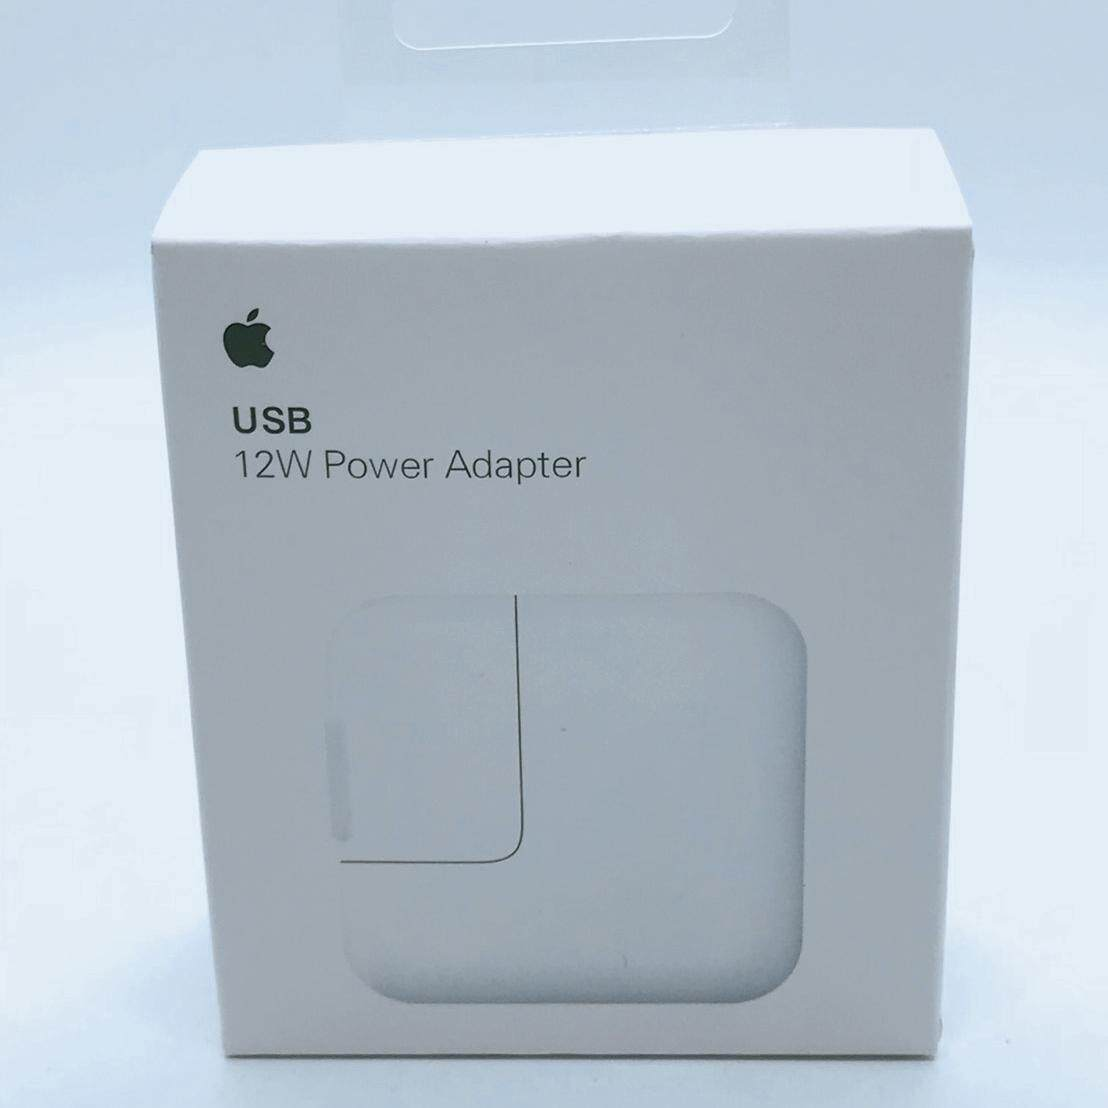 Adapter Ipad ของแท้ สำหรับไอแพดและiphone รับประกัน1ปี พร้อมกล่องแท้ คุณภาพสูงที่หลายต่อหลายคนบอกต่อๆกัน                                                      .